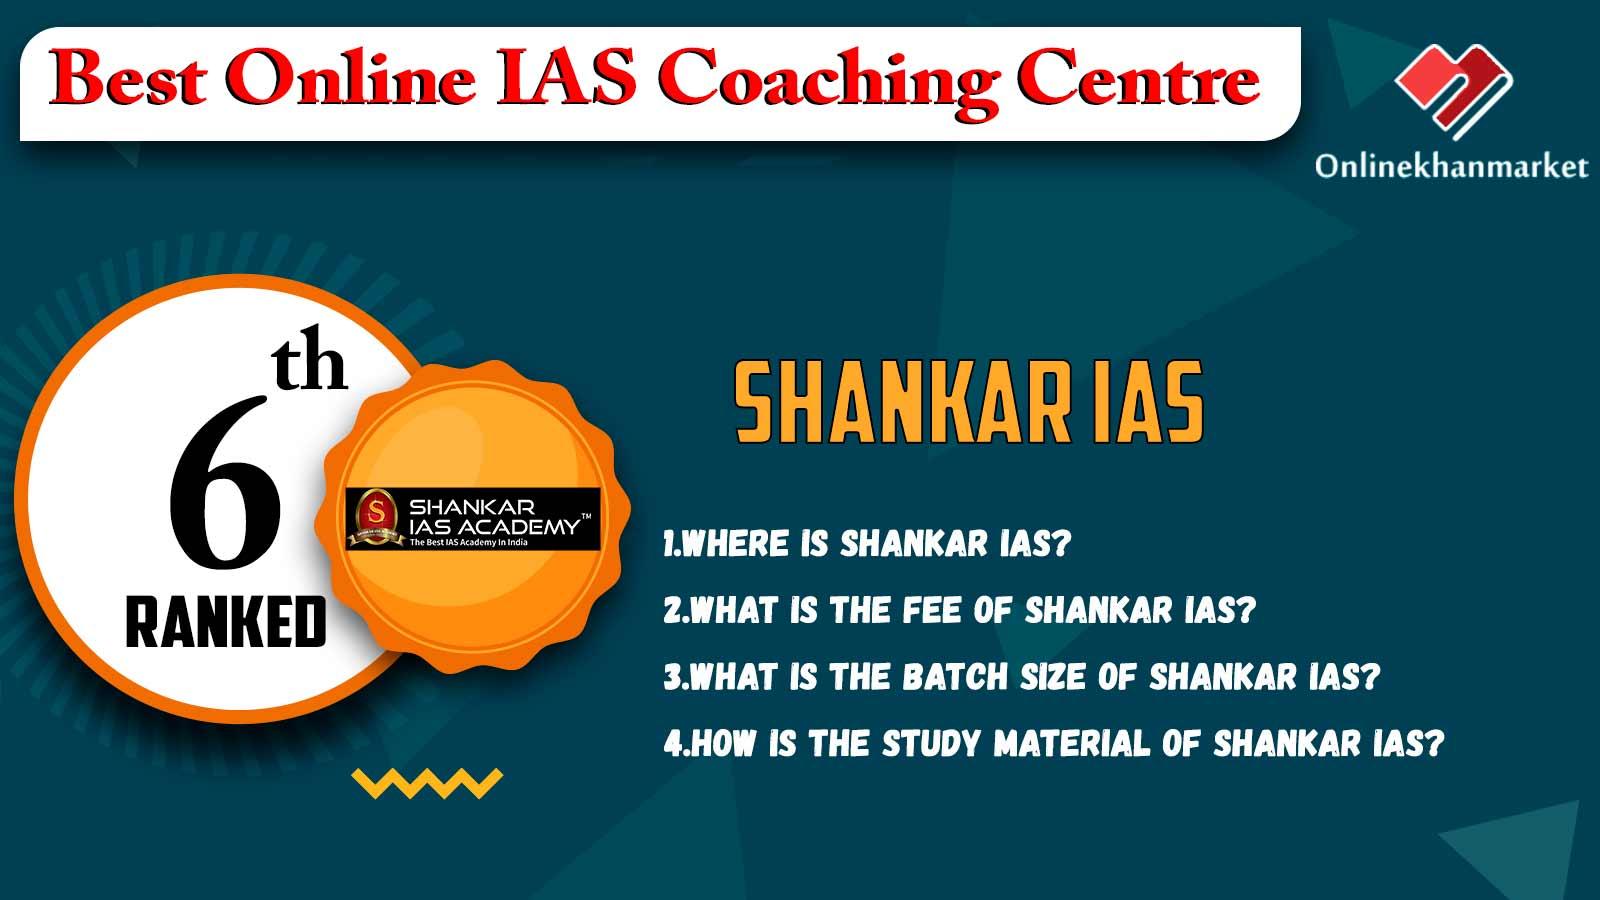 Online IAS Coaching